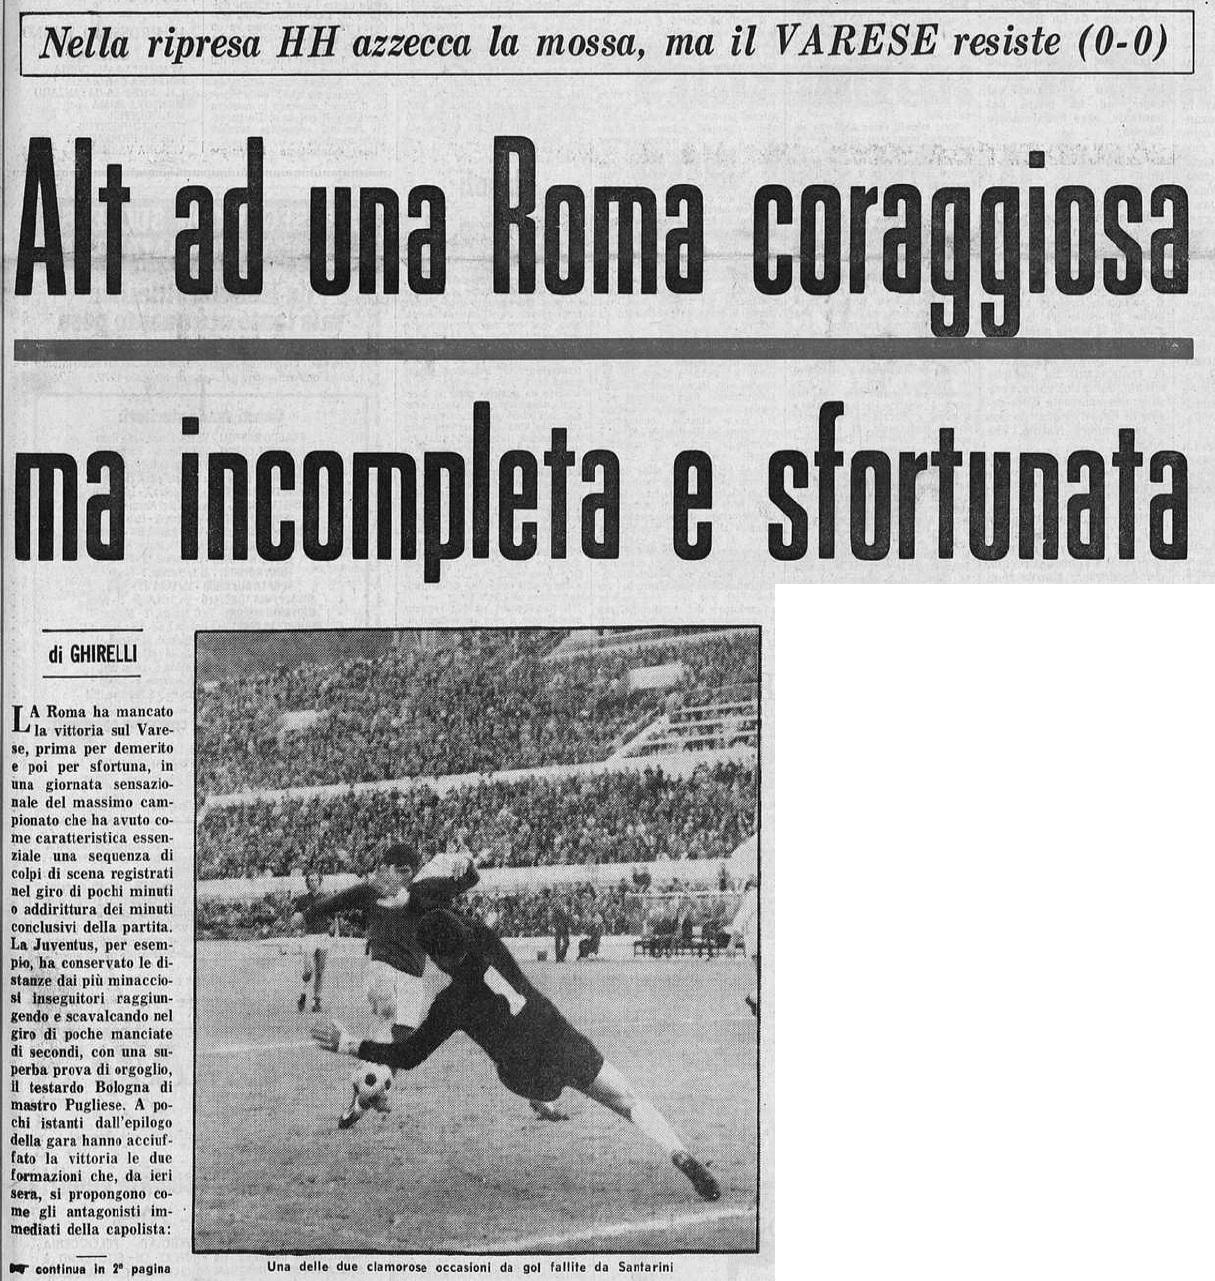 Almanacco Giallorosso - Roma-Varese - Campionato 1971/1972